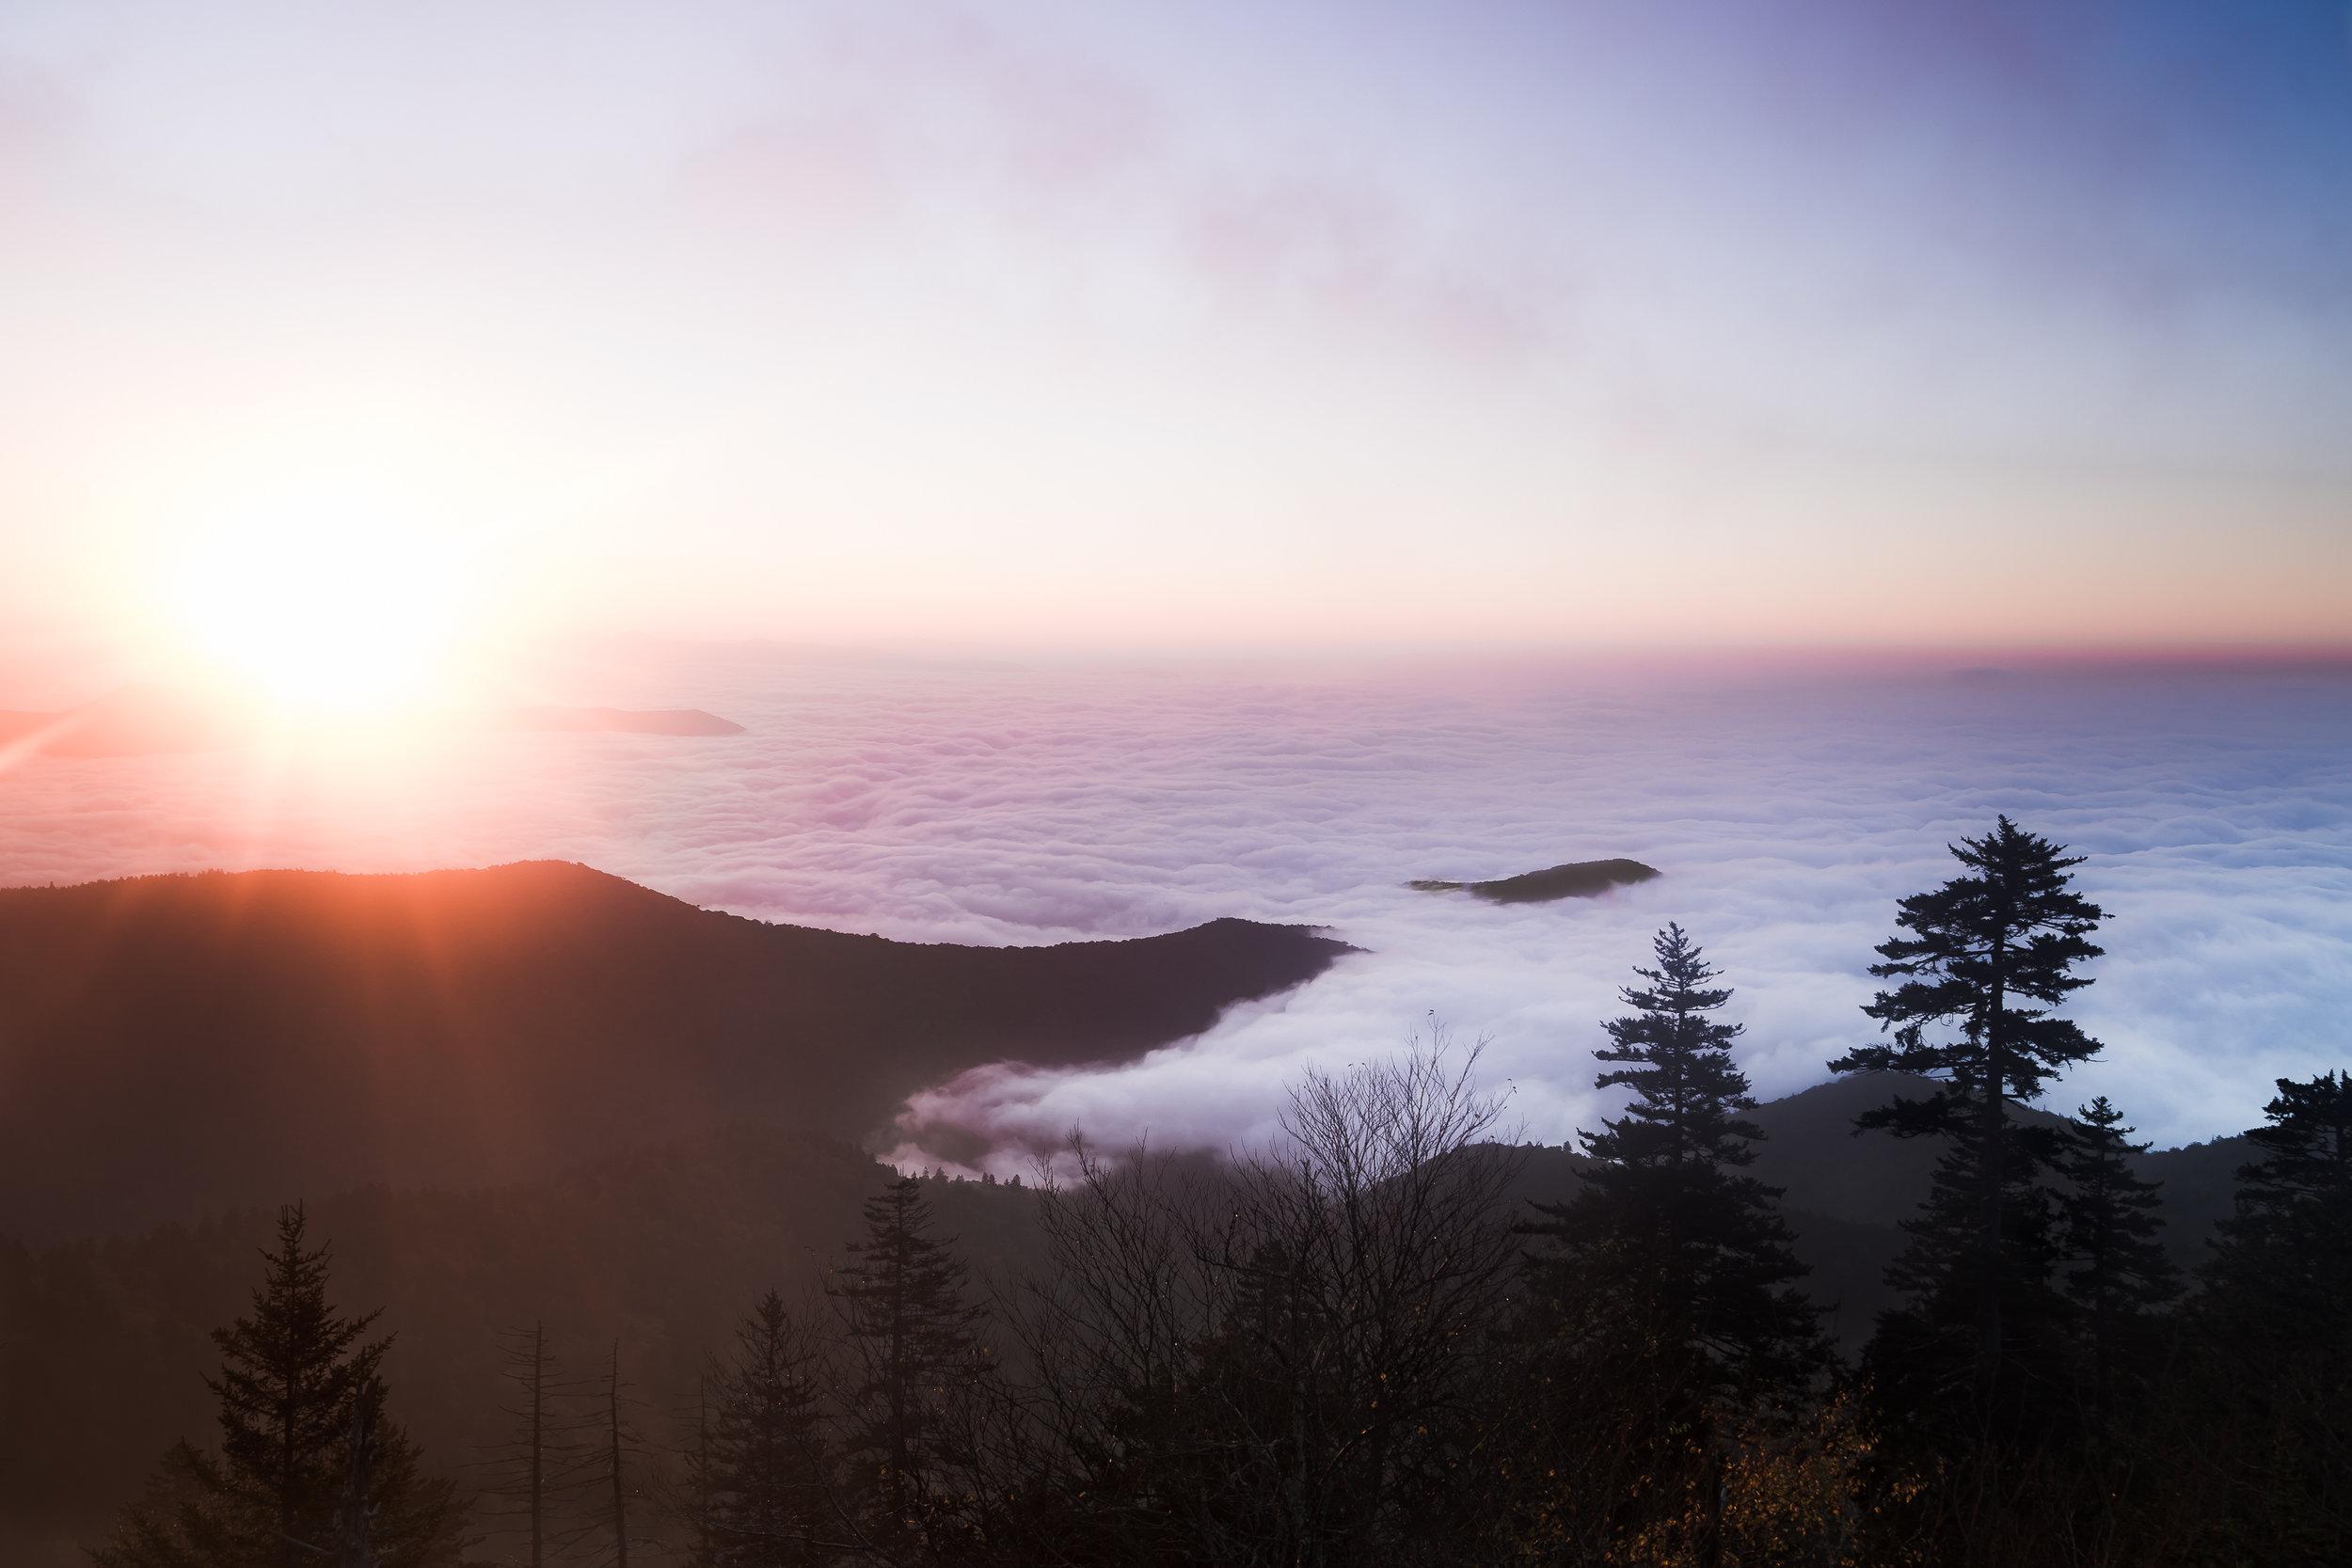 Clingman's Dome Sunrise